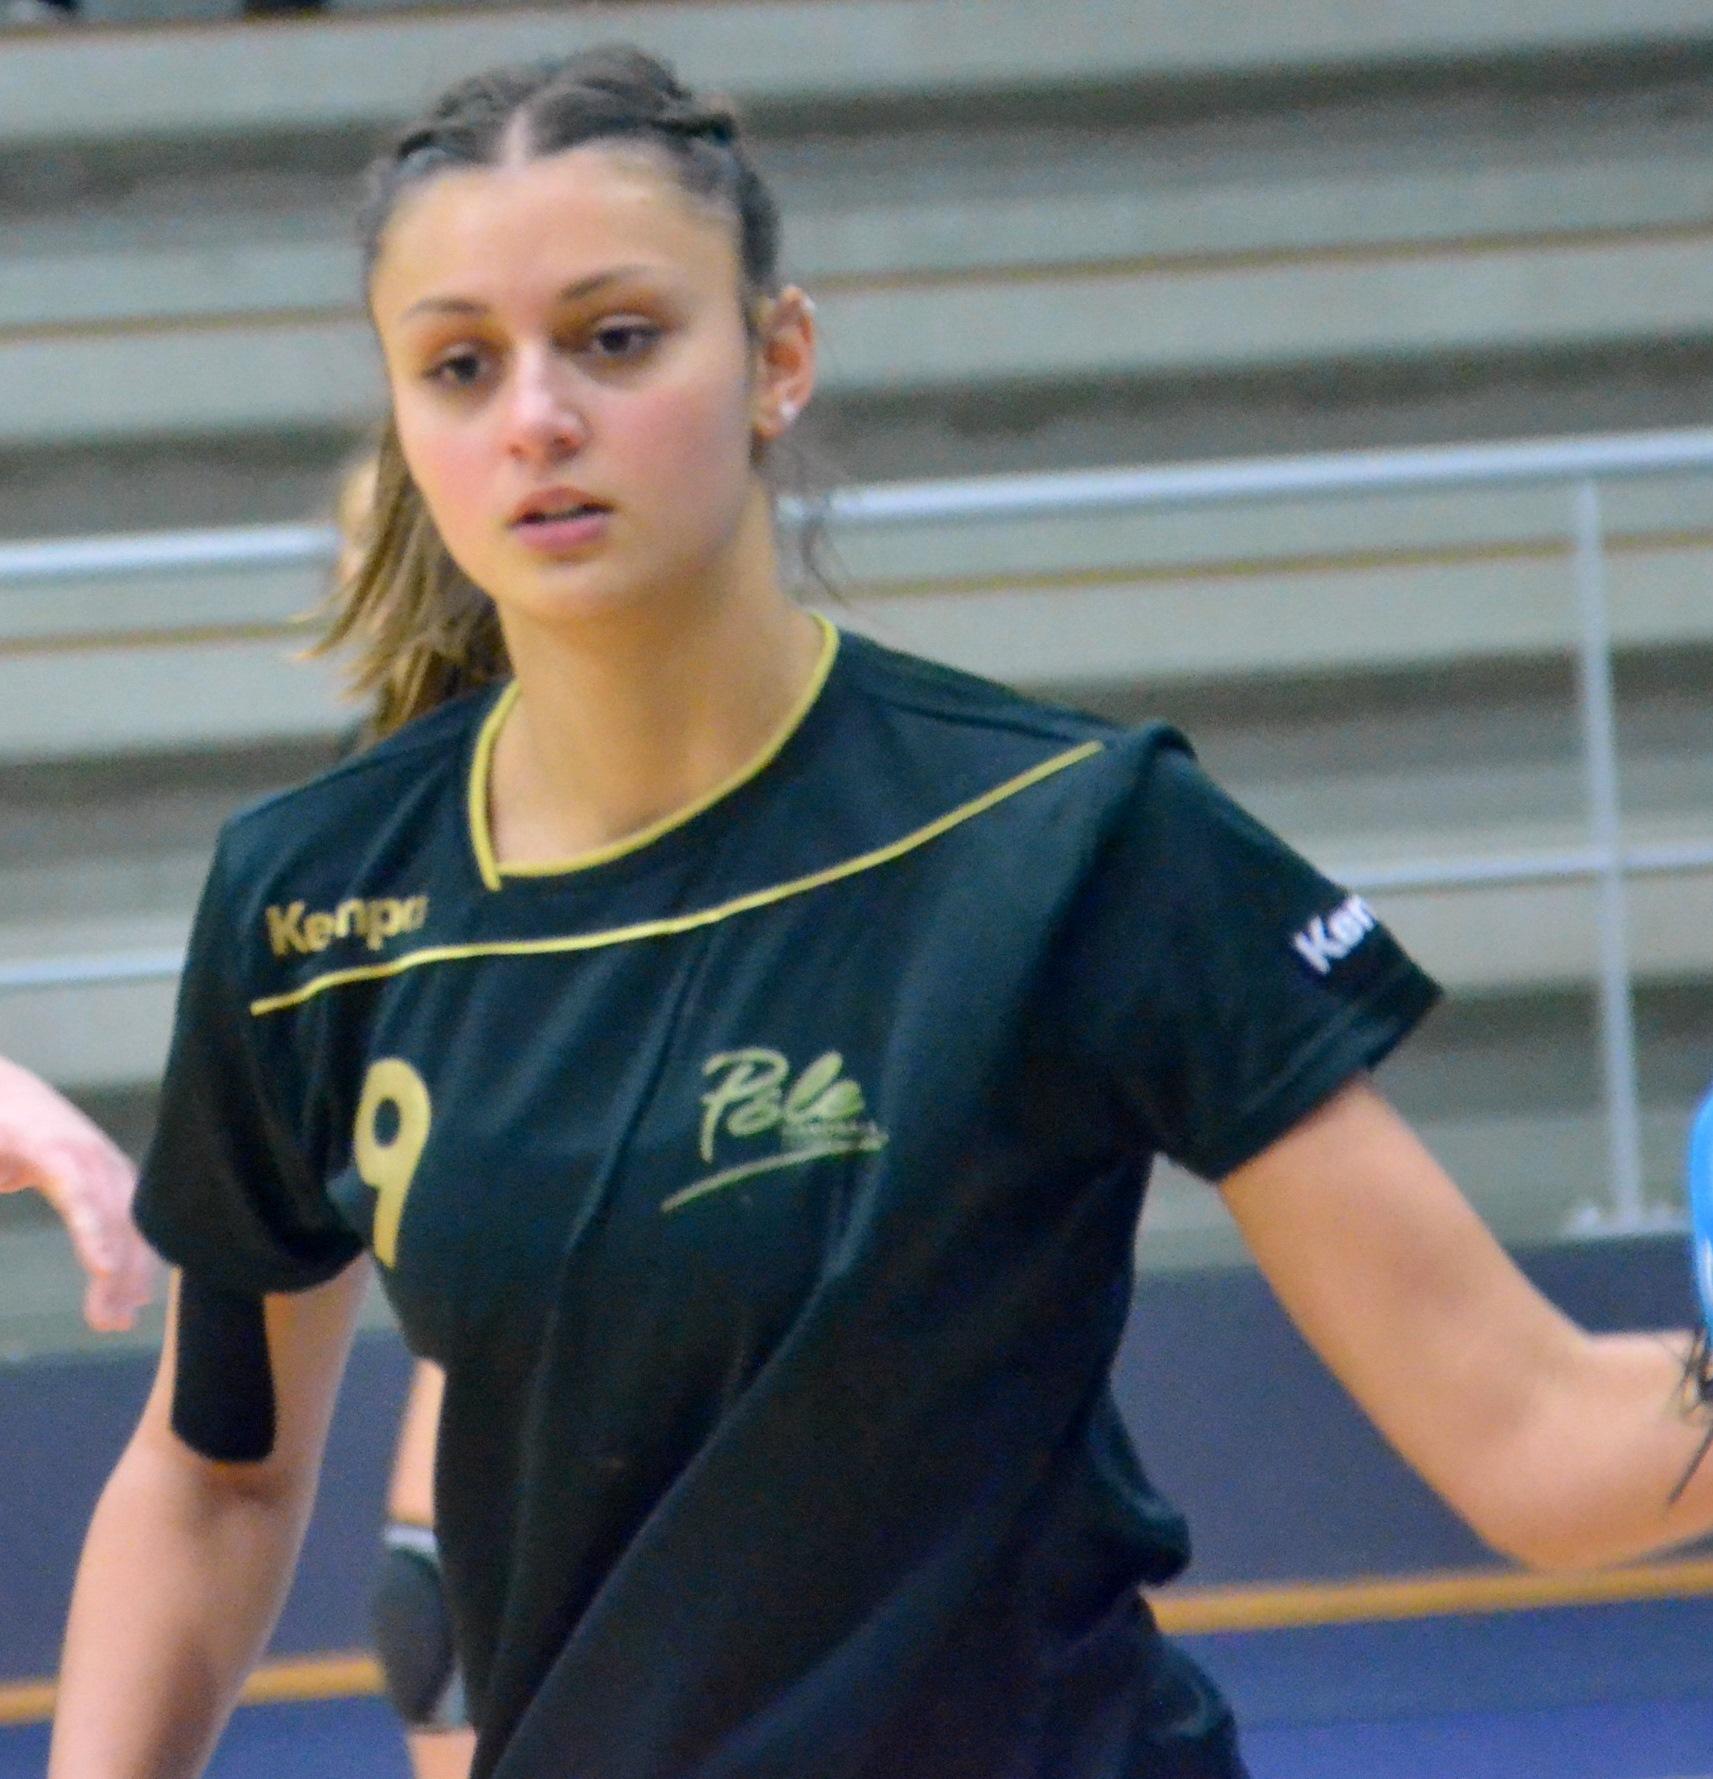 Lori sanhoun